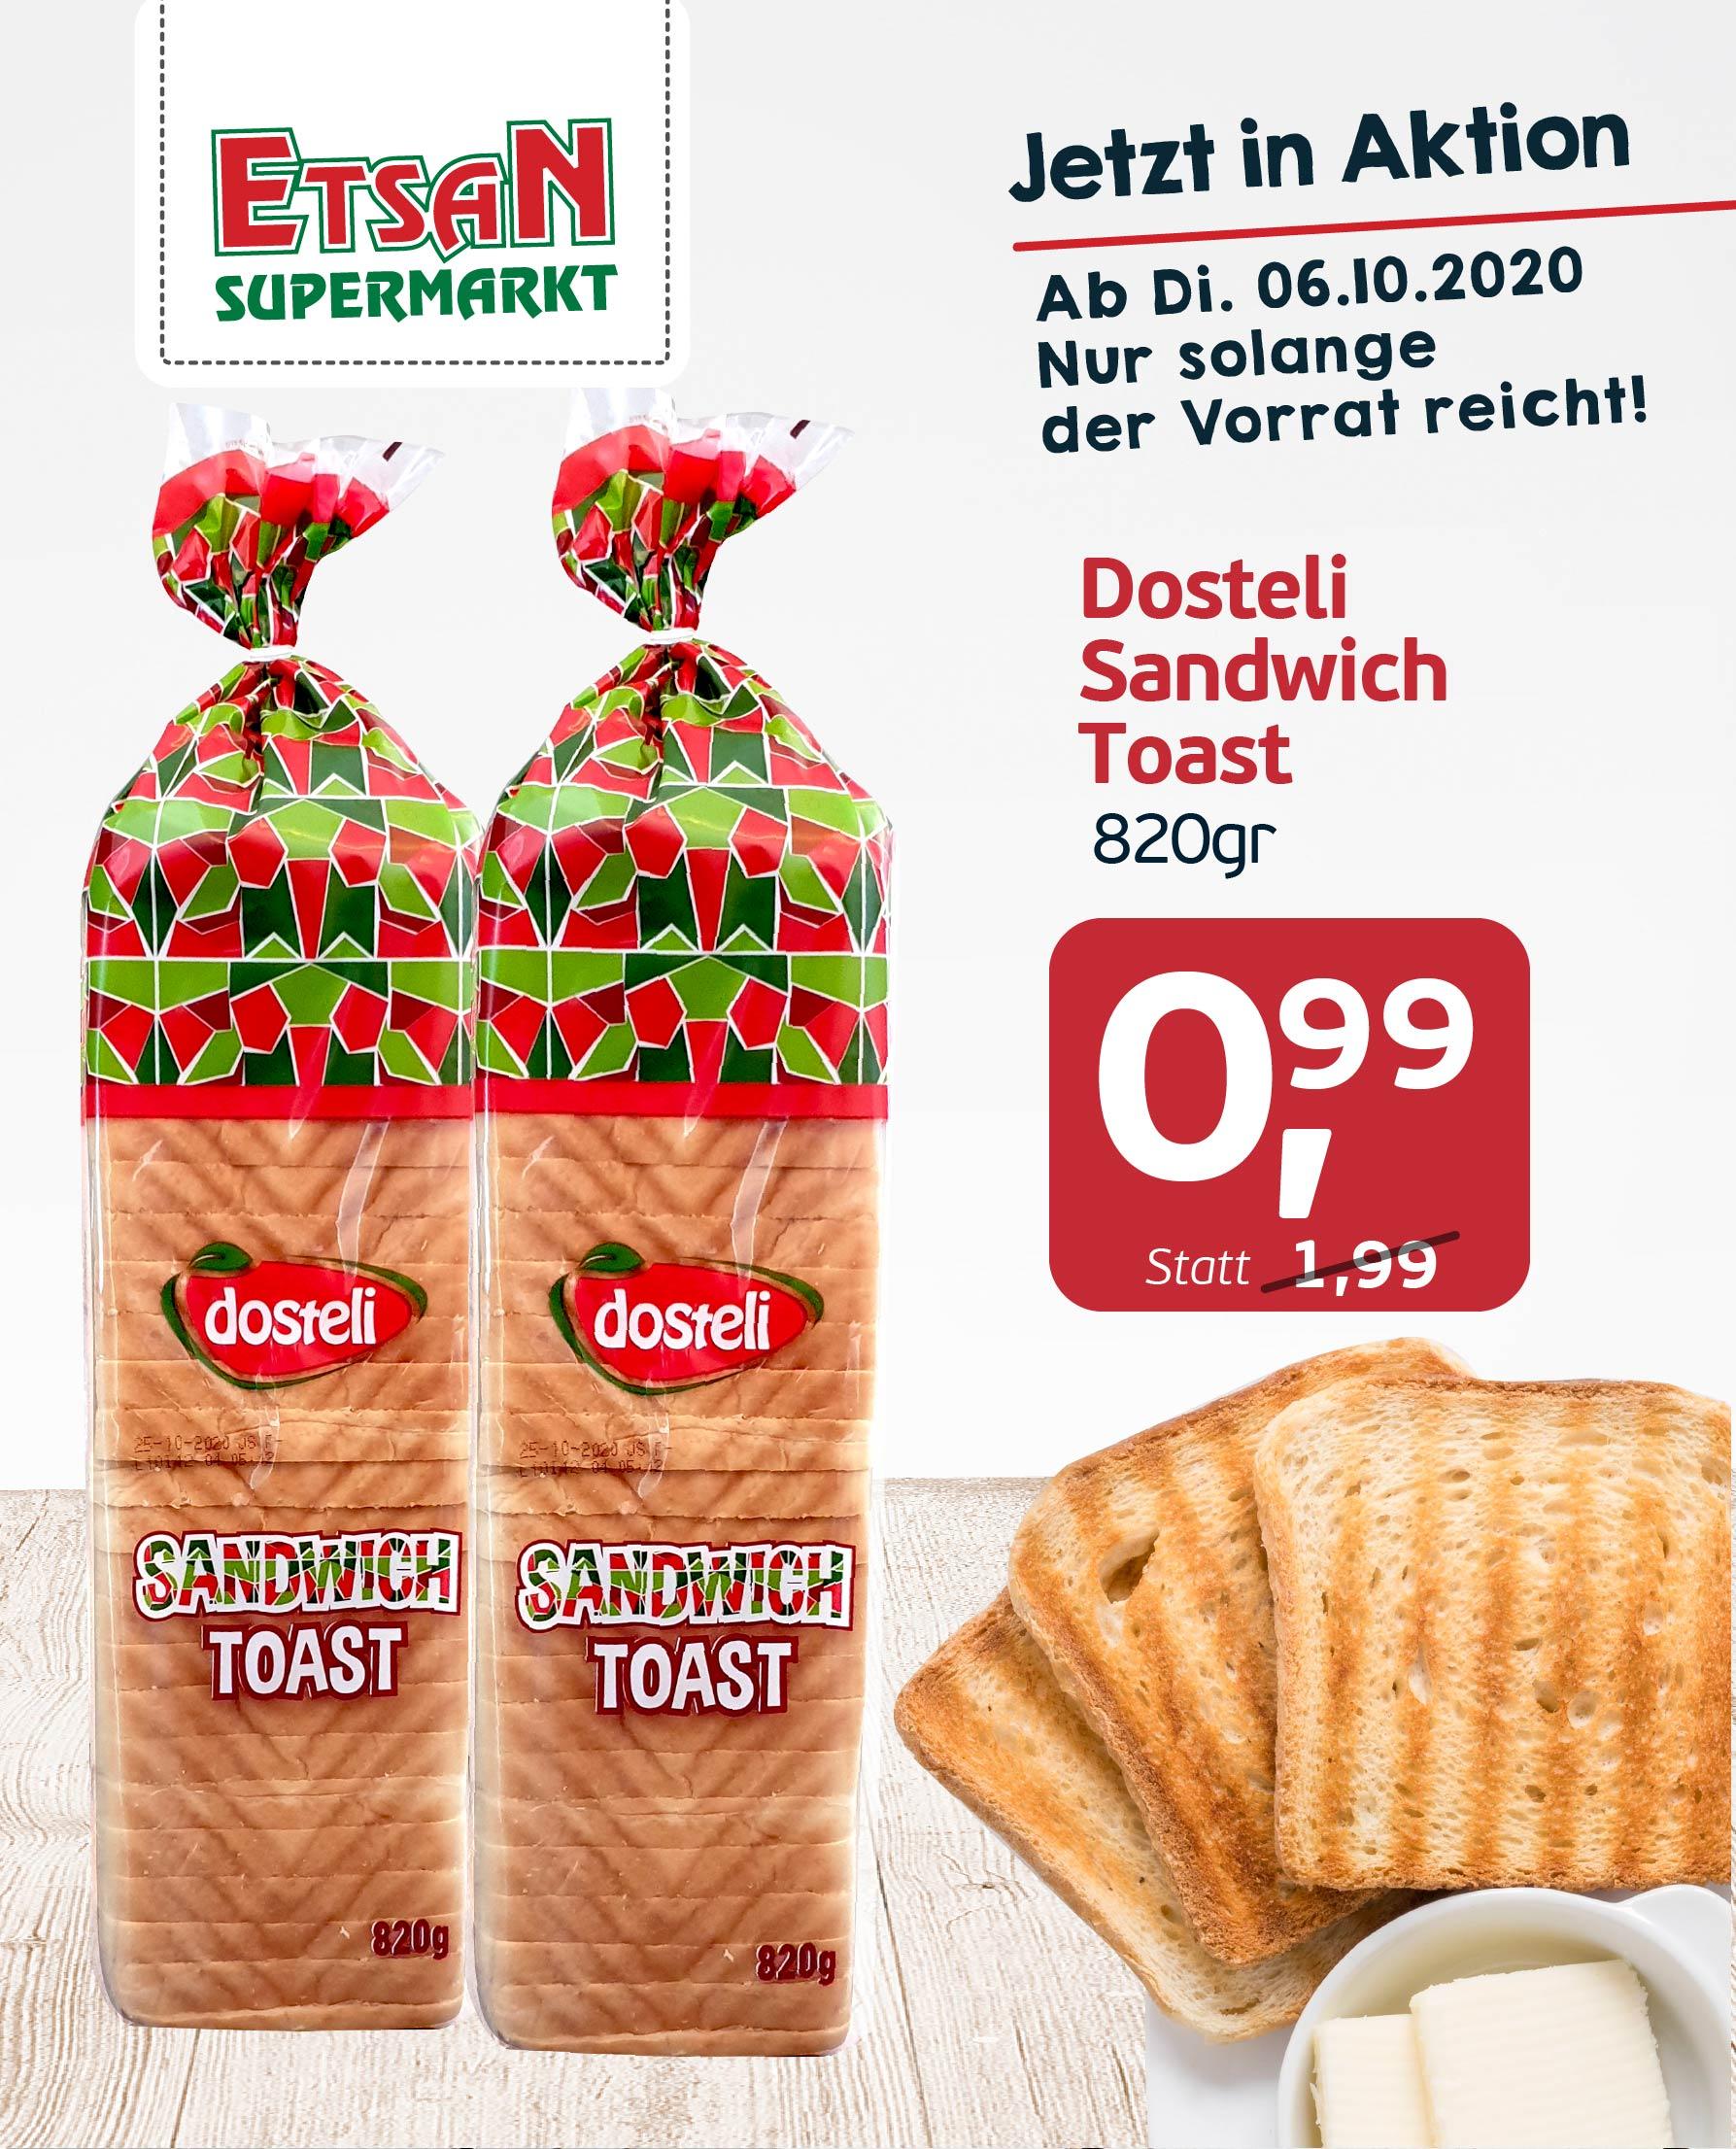 Dosteli Sandwish Toast - Etsan Supermarkt